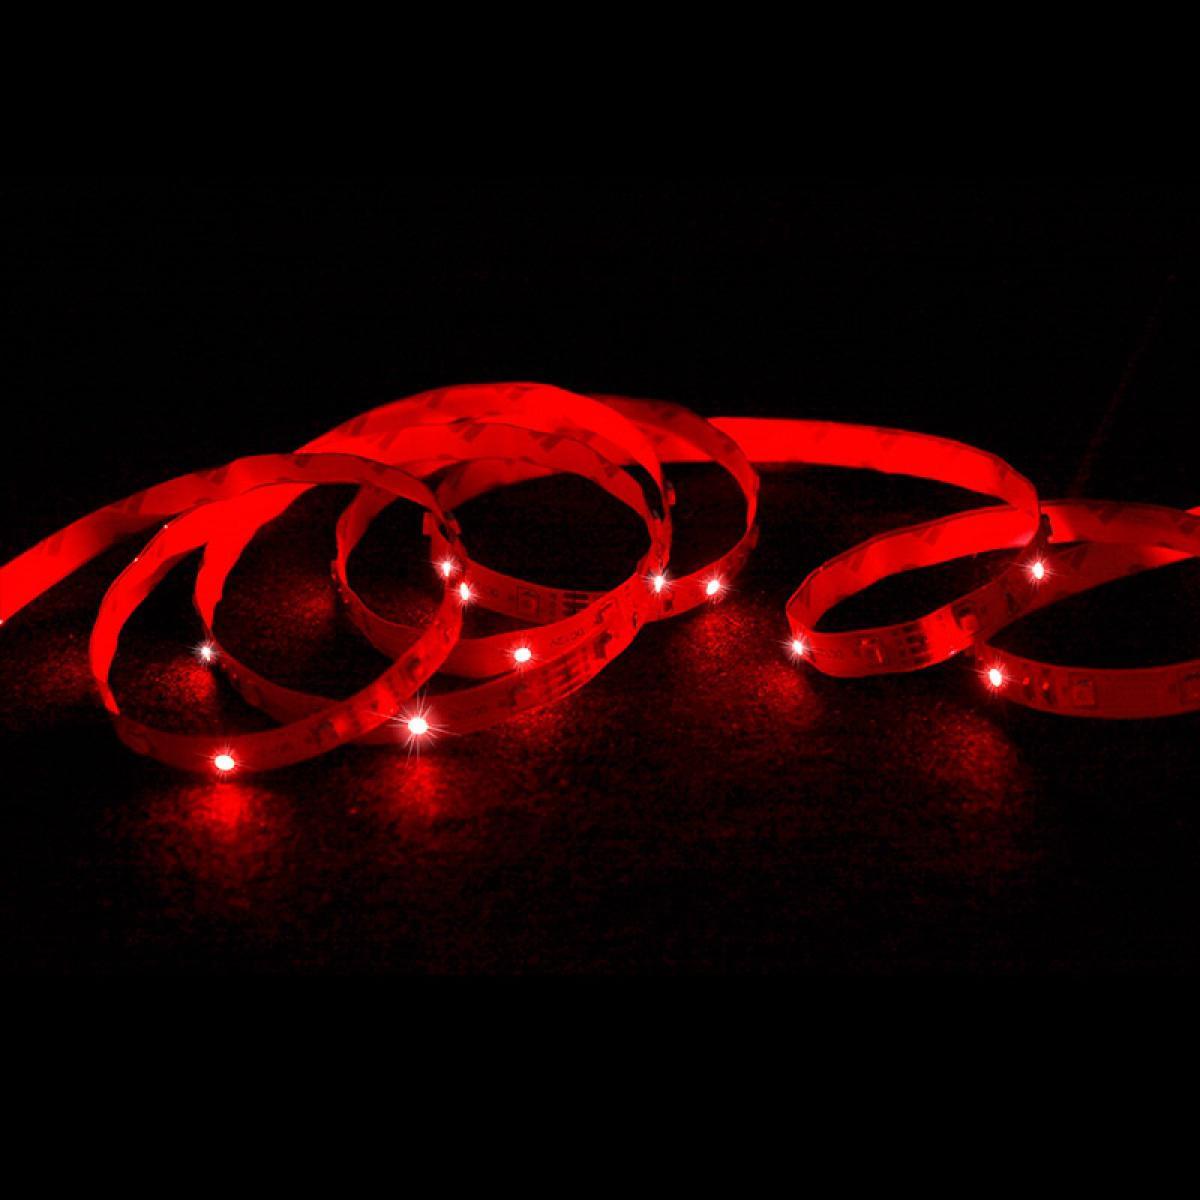 Ecd Germany ECD Germany Set 1x 30m (6x5m) Bande de LED RGB blanc SMD 3528 + 1x Transformateur 5A 60W 12V câble pour prise EU + 1x Té